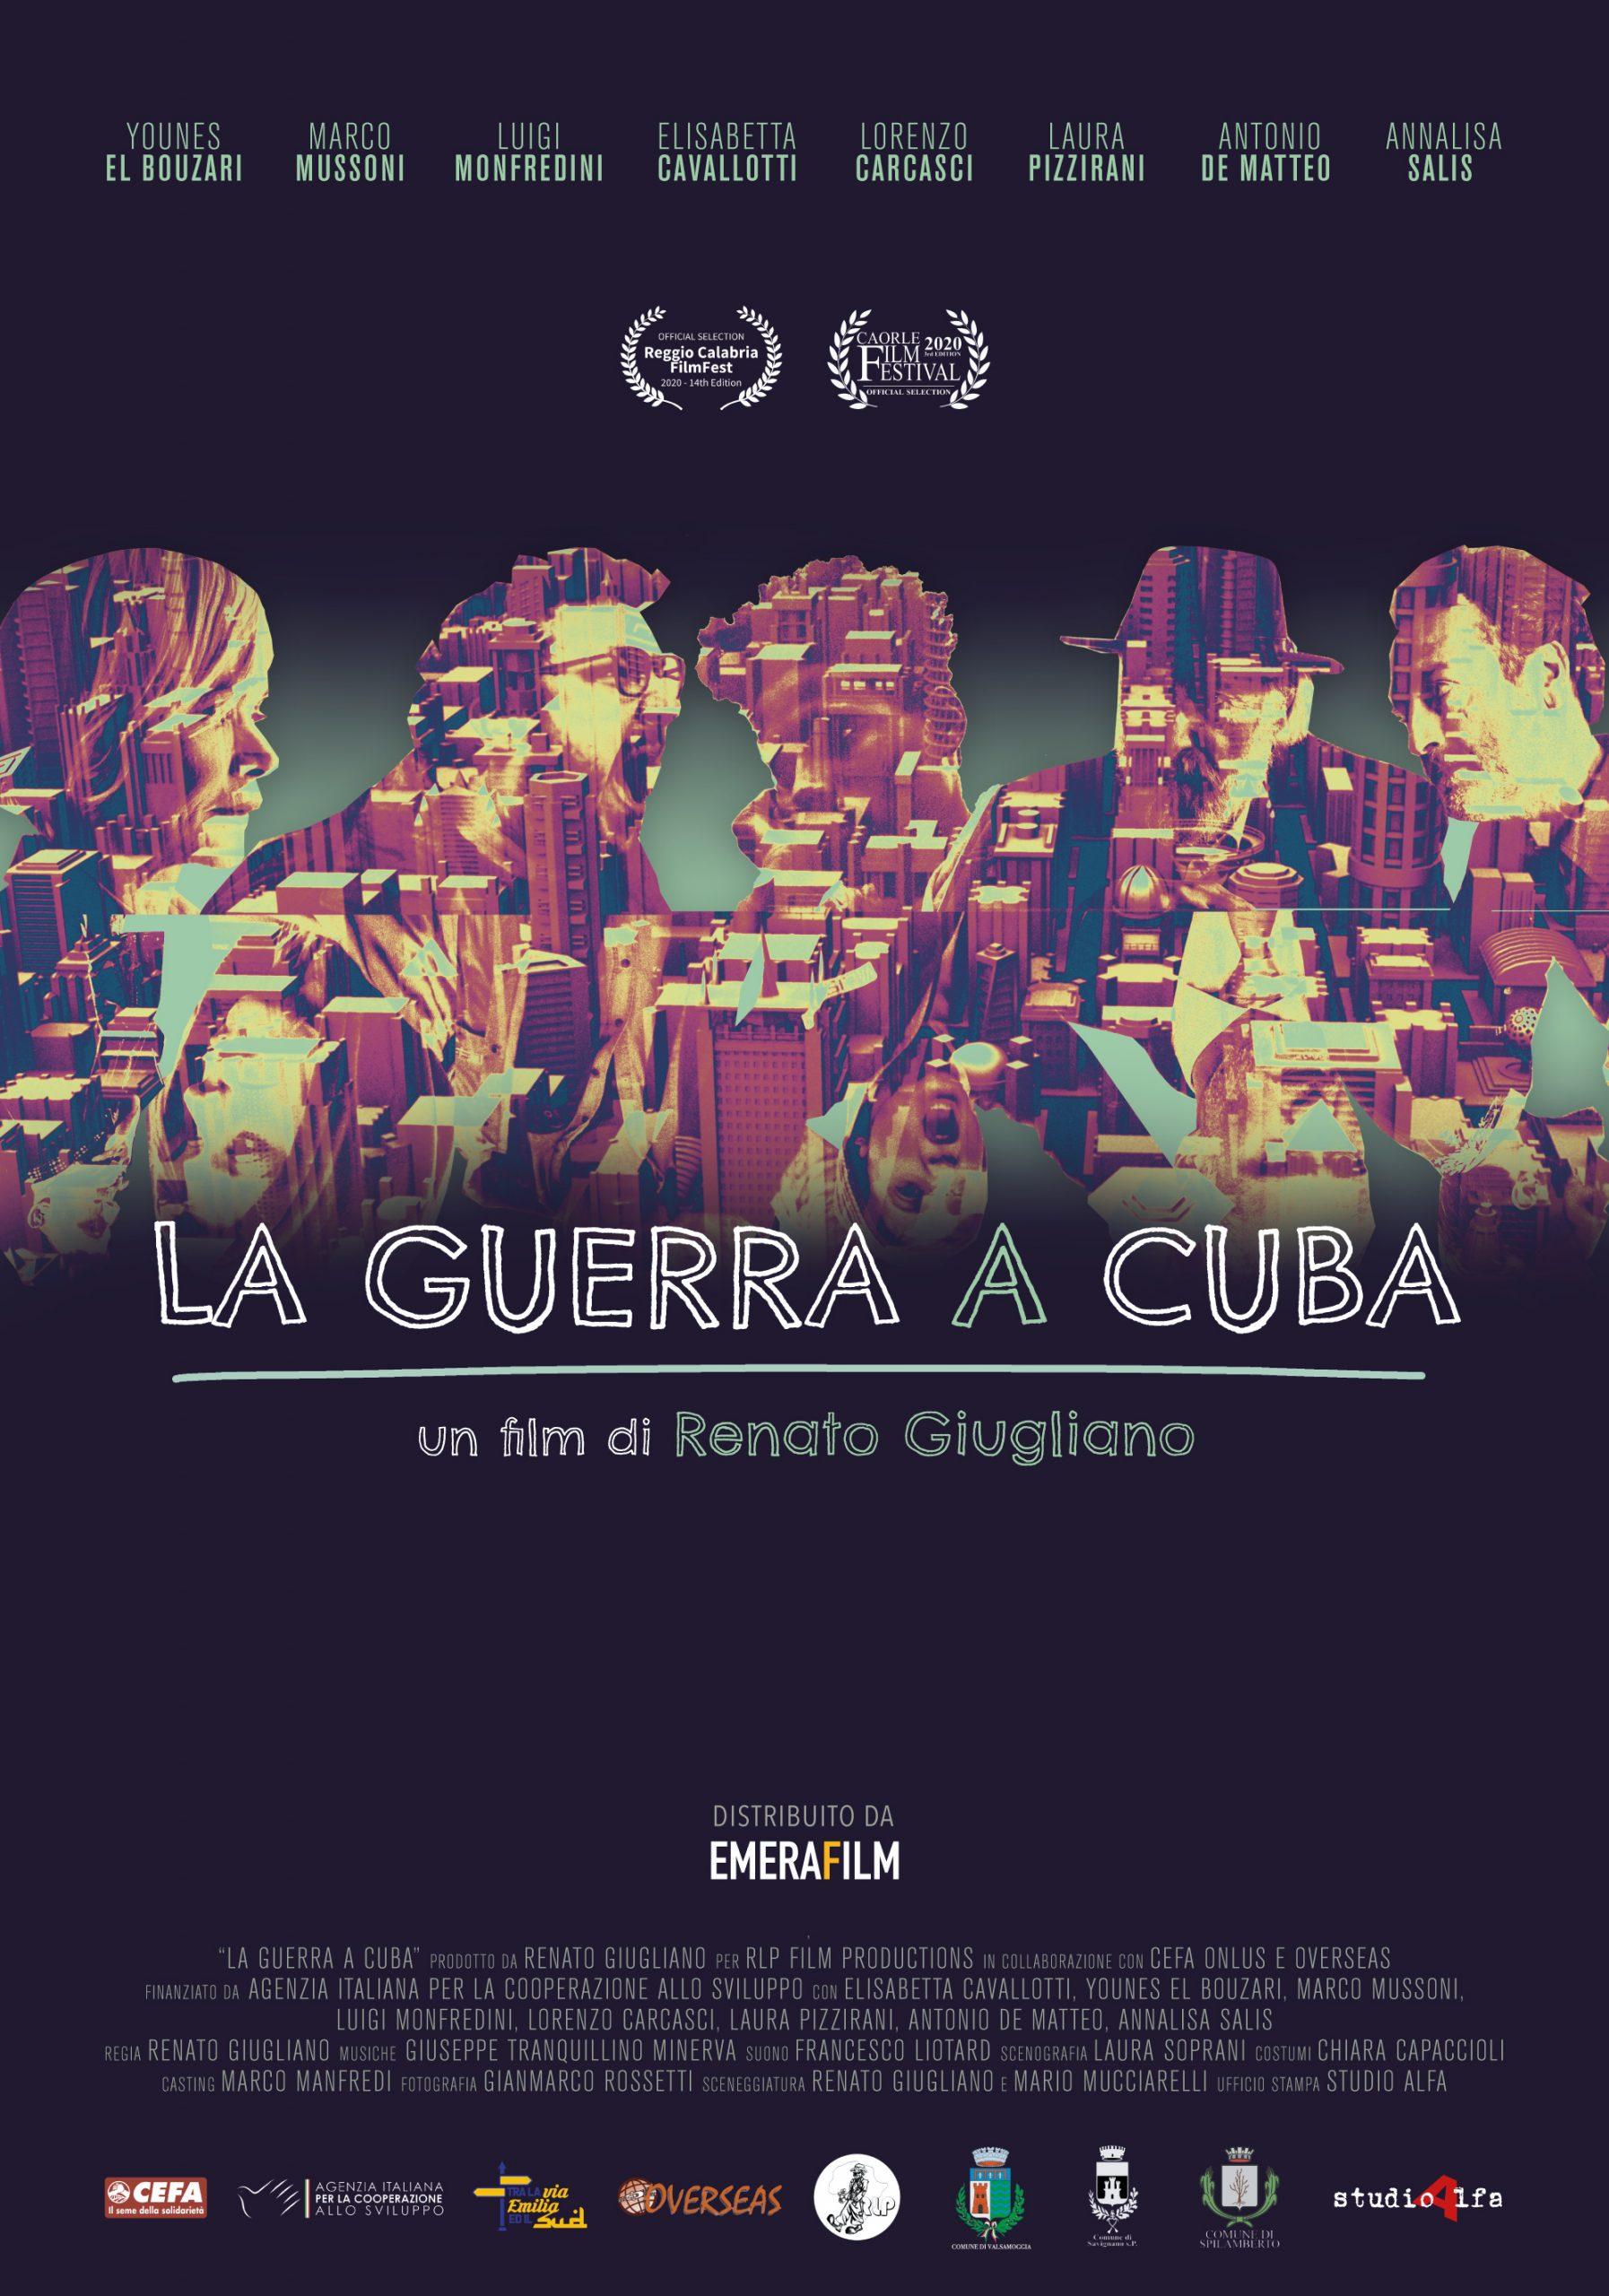 LA-GUERRA-A-CUBA-Locandina-final